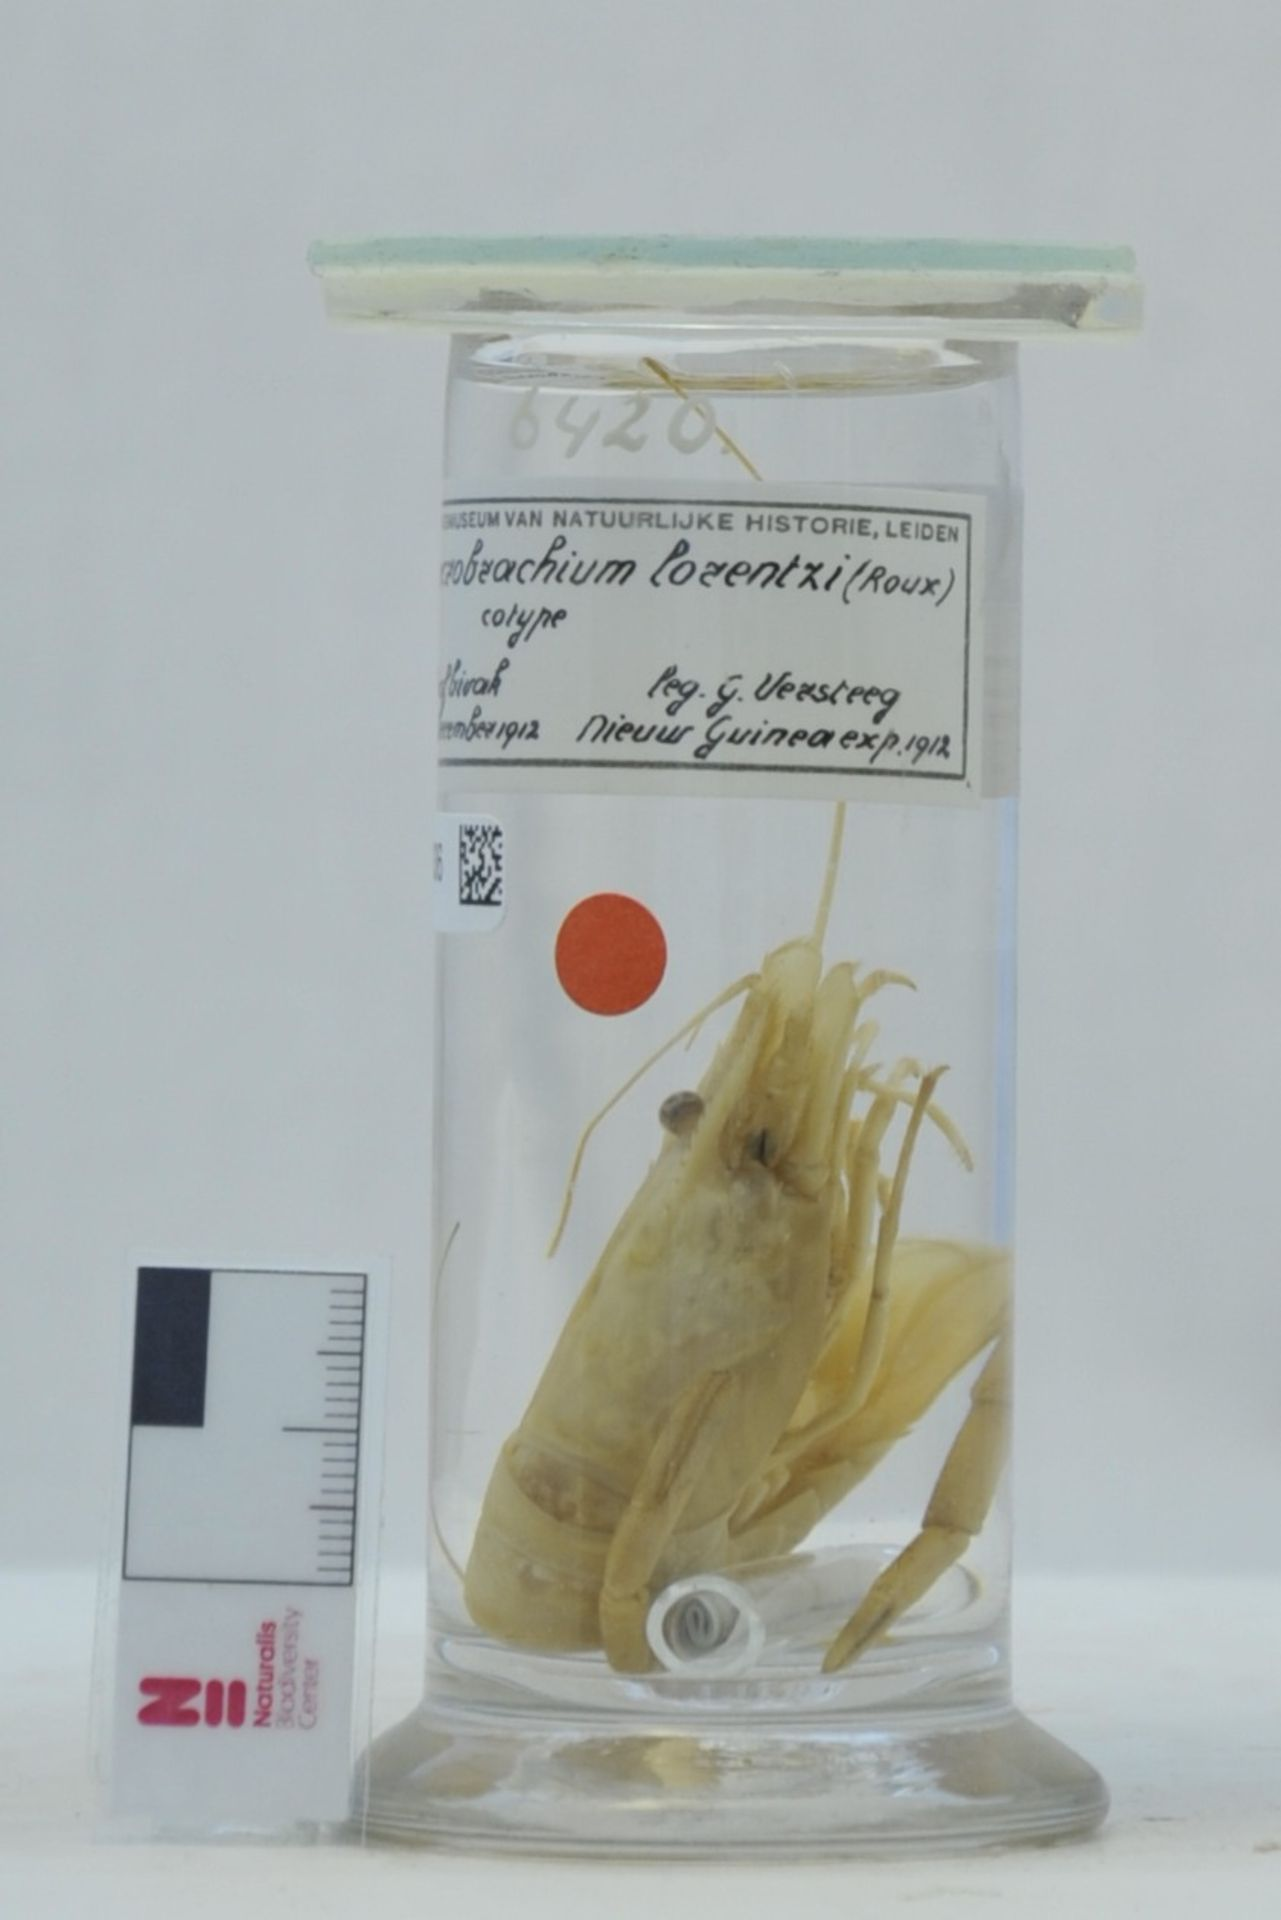 RMNH.CRUS.D.6420 | Macrobrachium lorentzi (Roux, 1921)